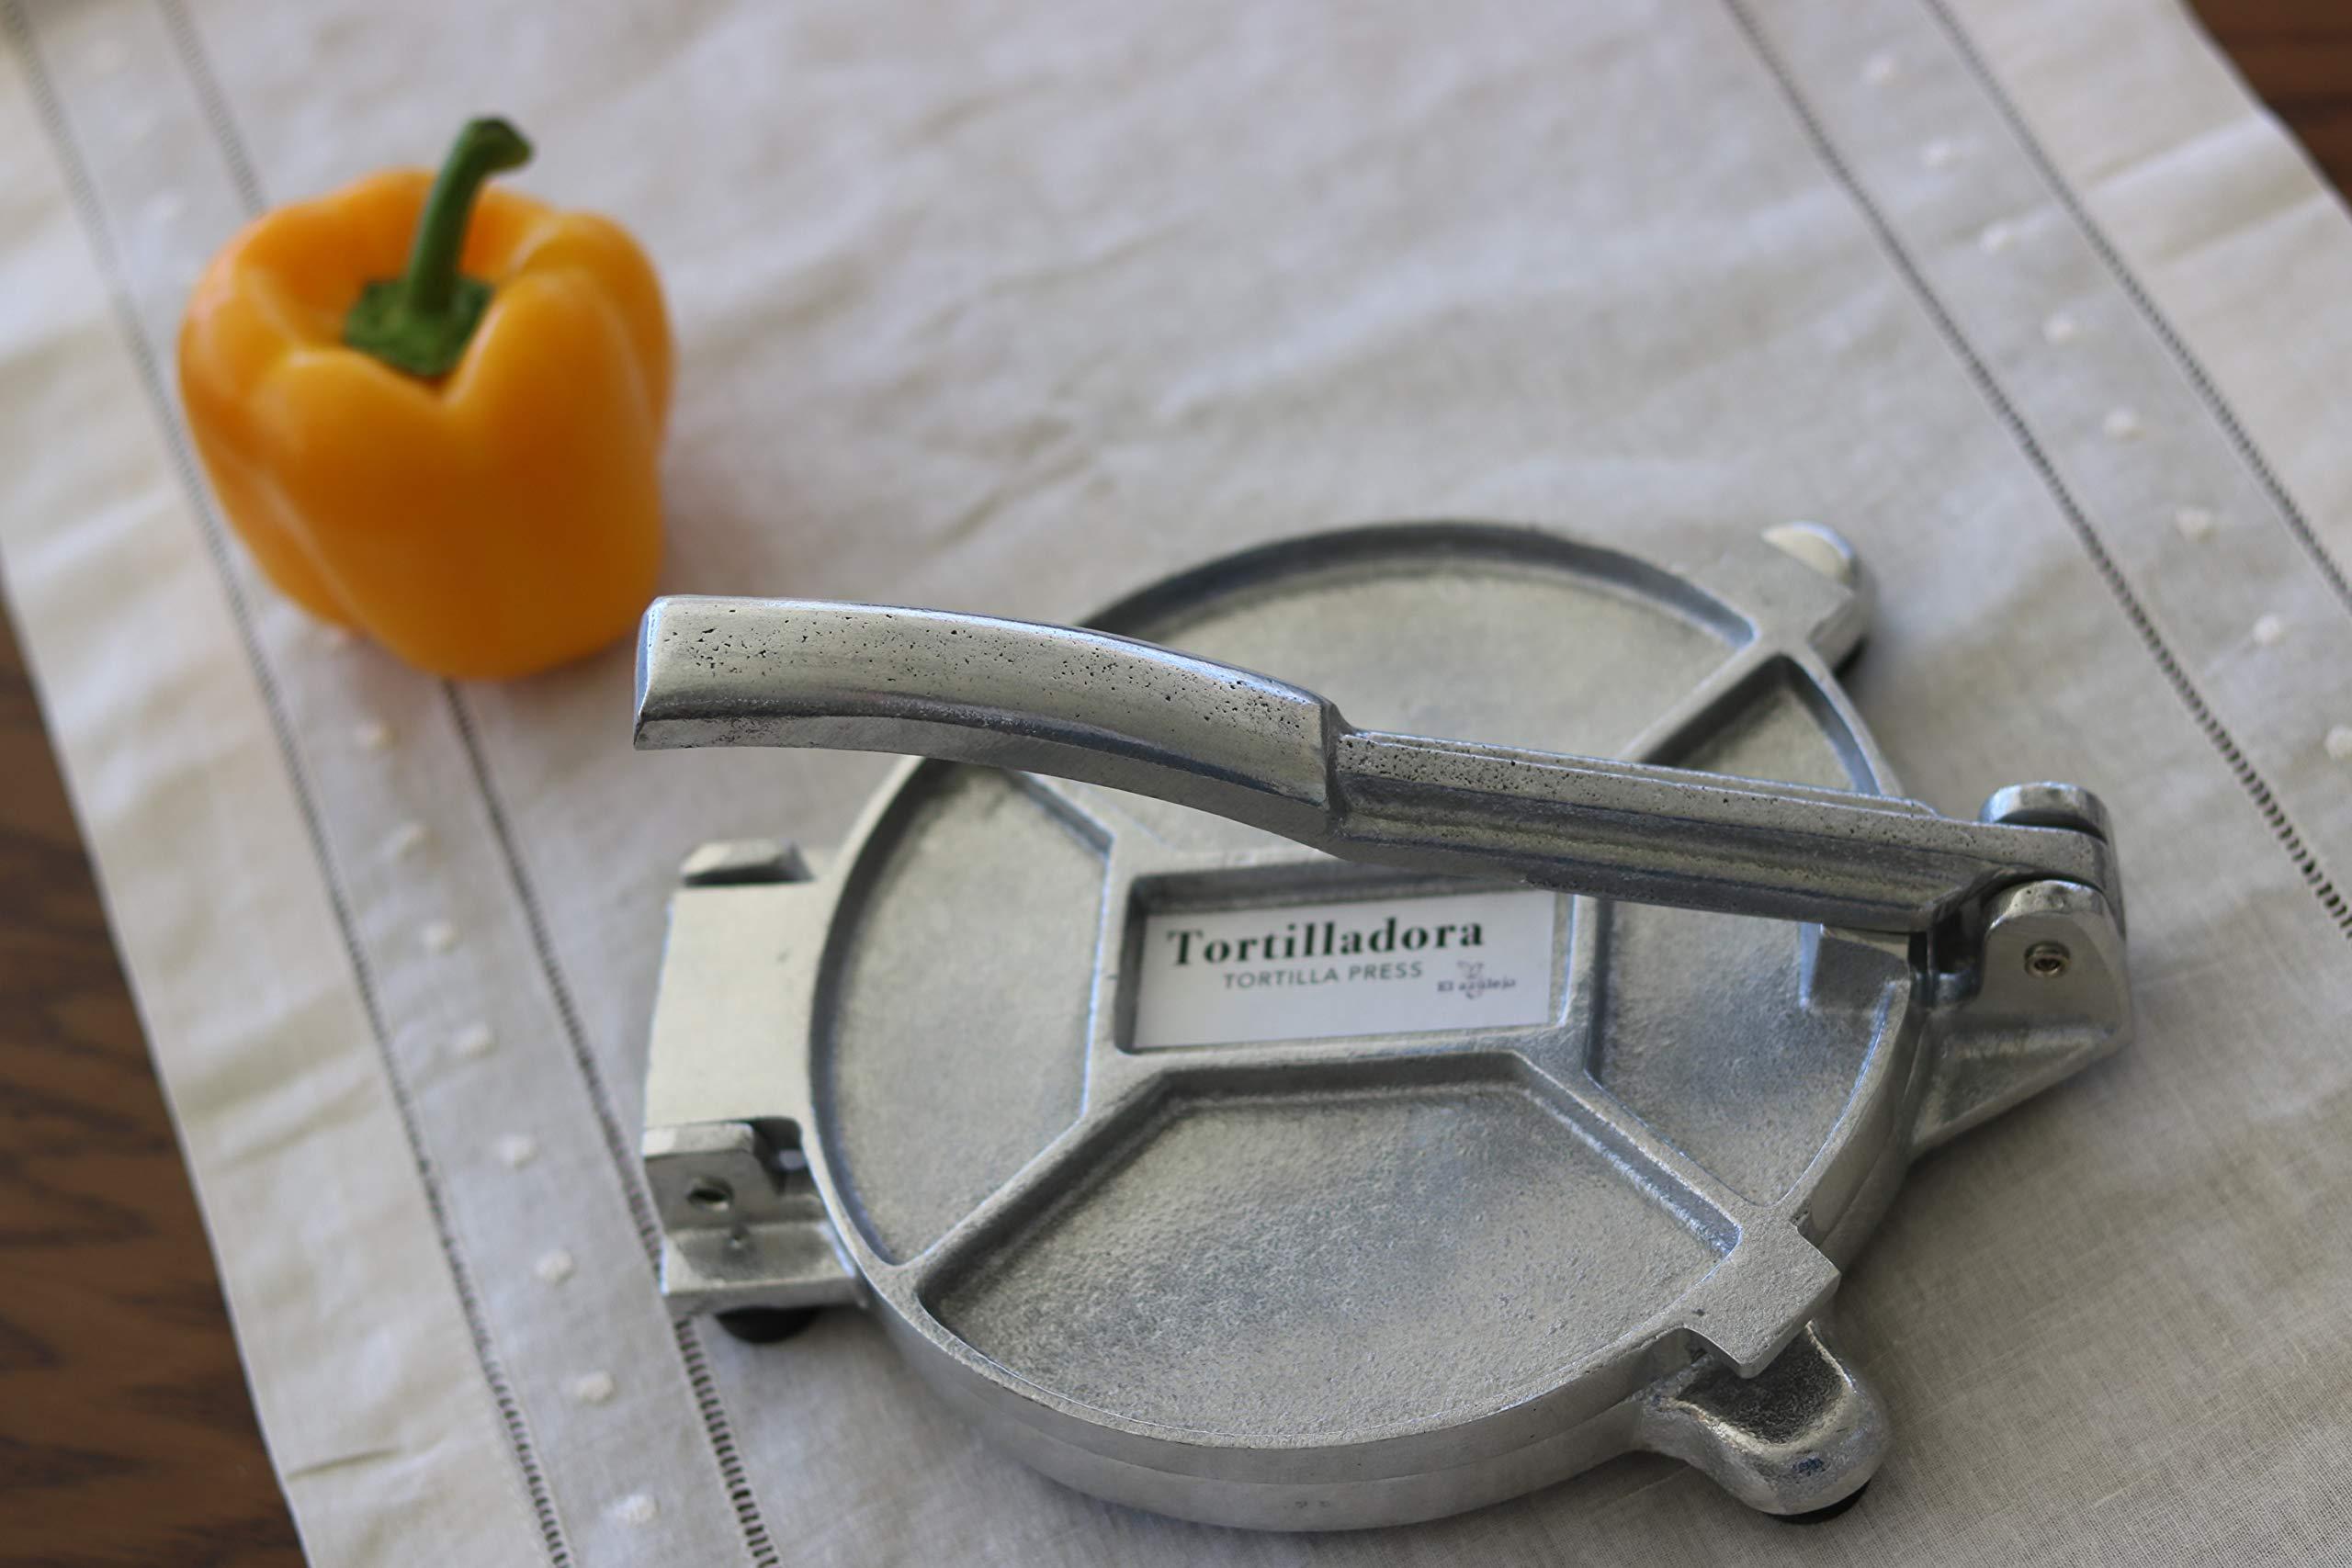 El azülejo - Corn Tortilla Press - Manual Pataconera - Flatbread Roti Pita Maker- 6 inch - Cast Aluminum - Non-stick - Made in Mexico